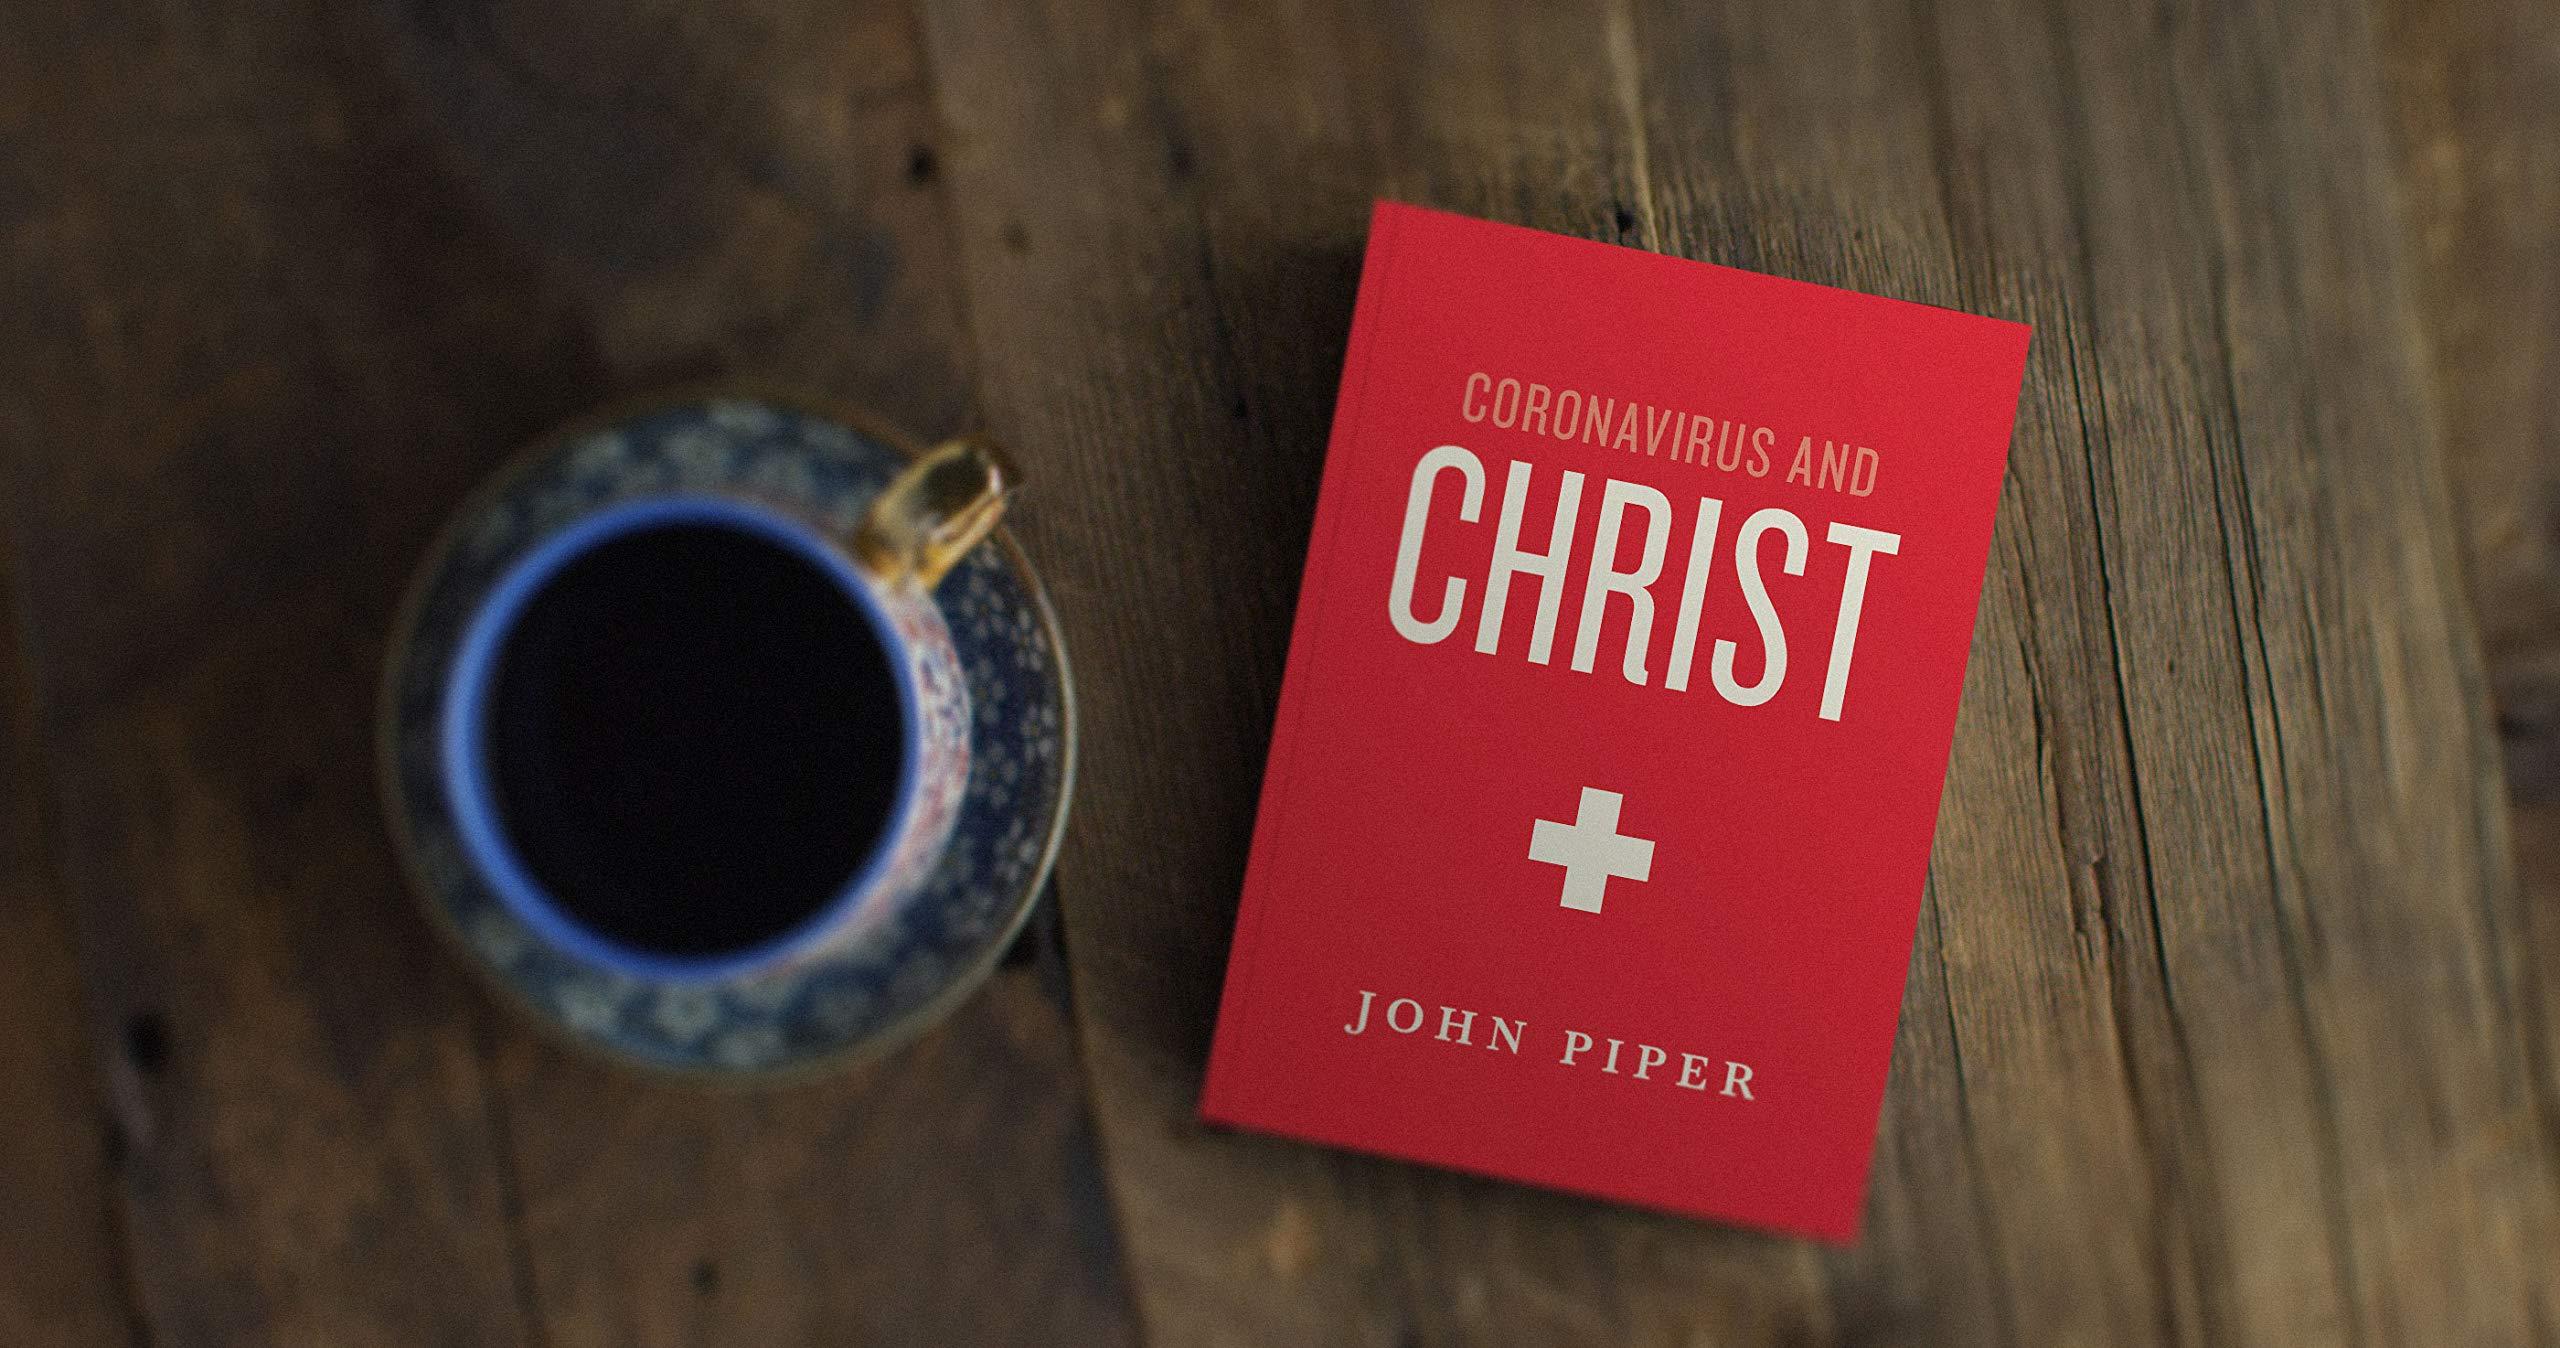 Coronavirus and Christ John Piper